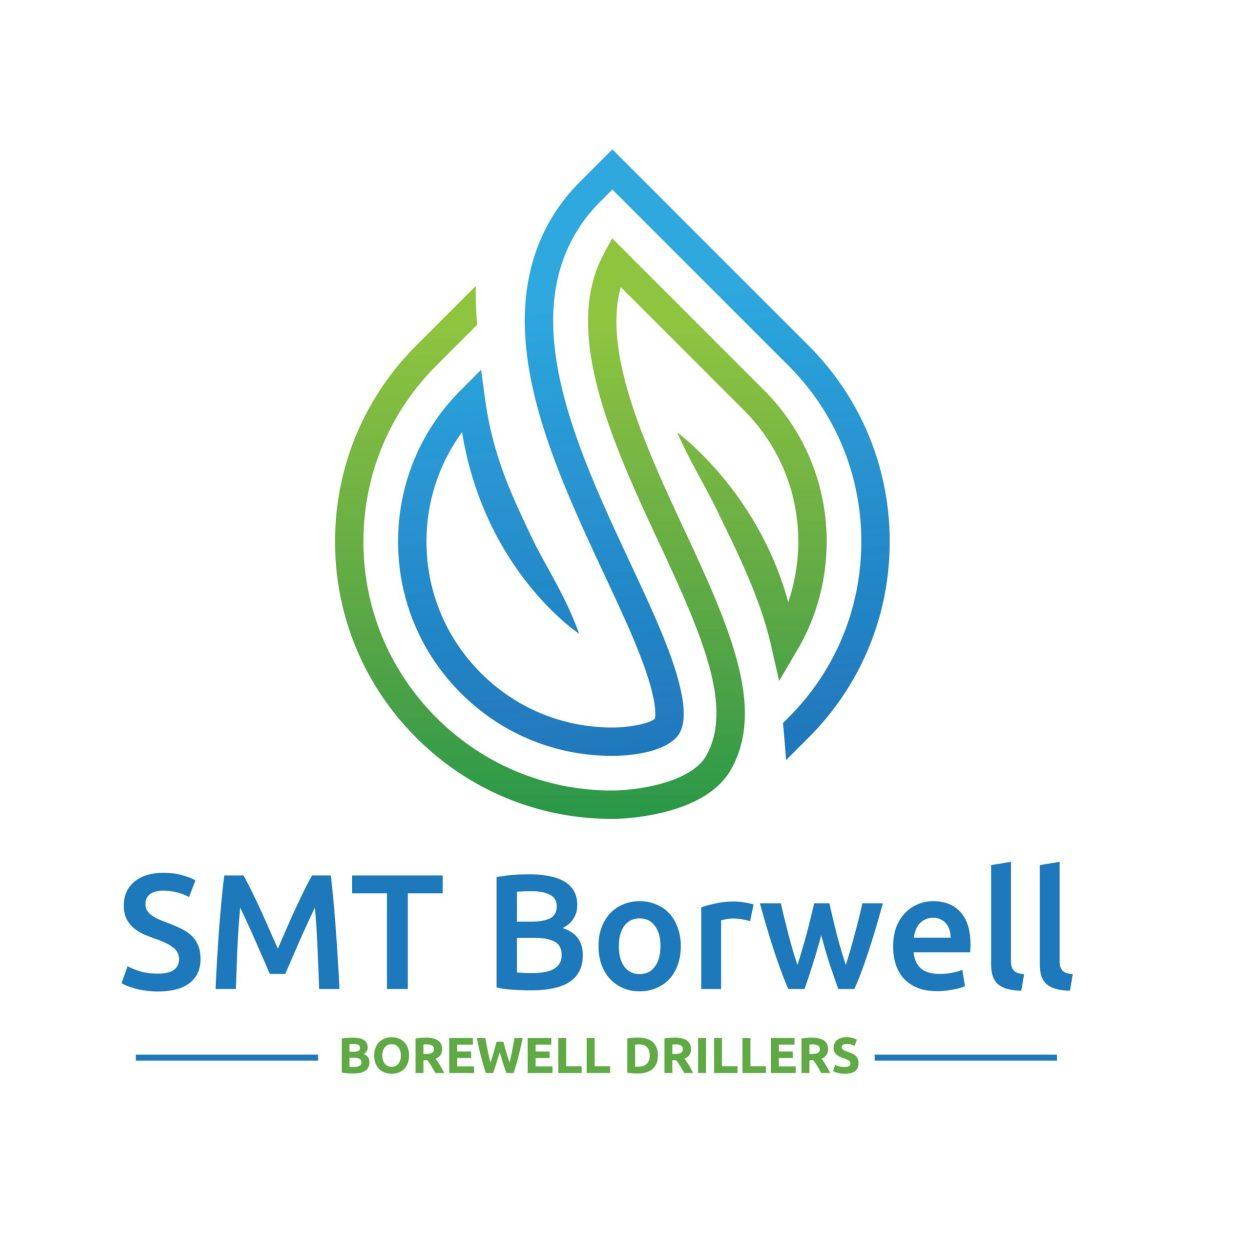 sod dev-logo-SMT Borewell (1)